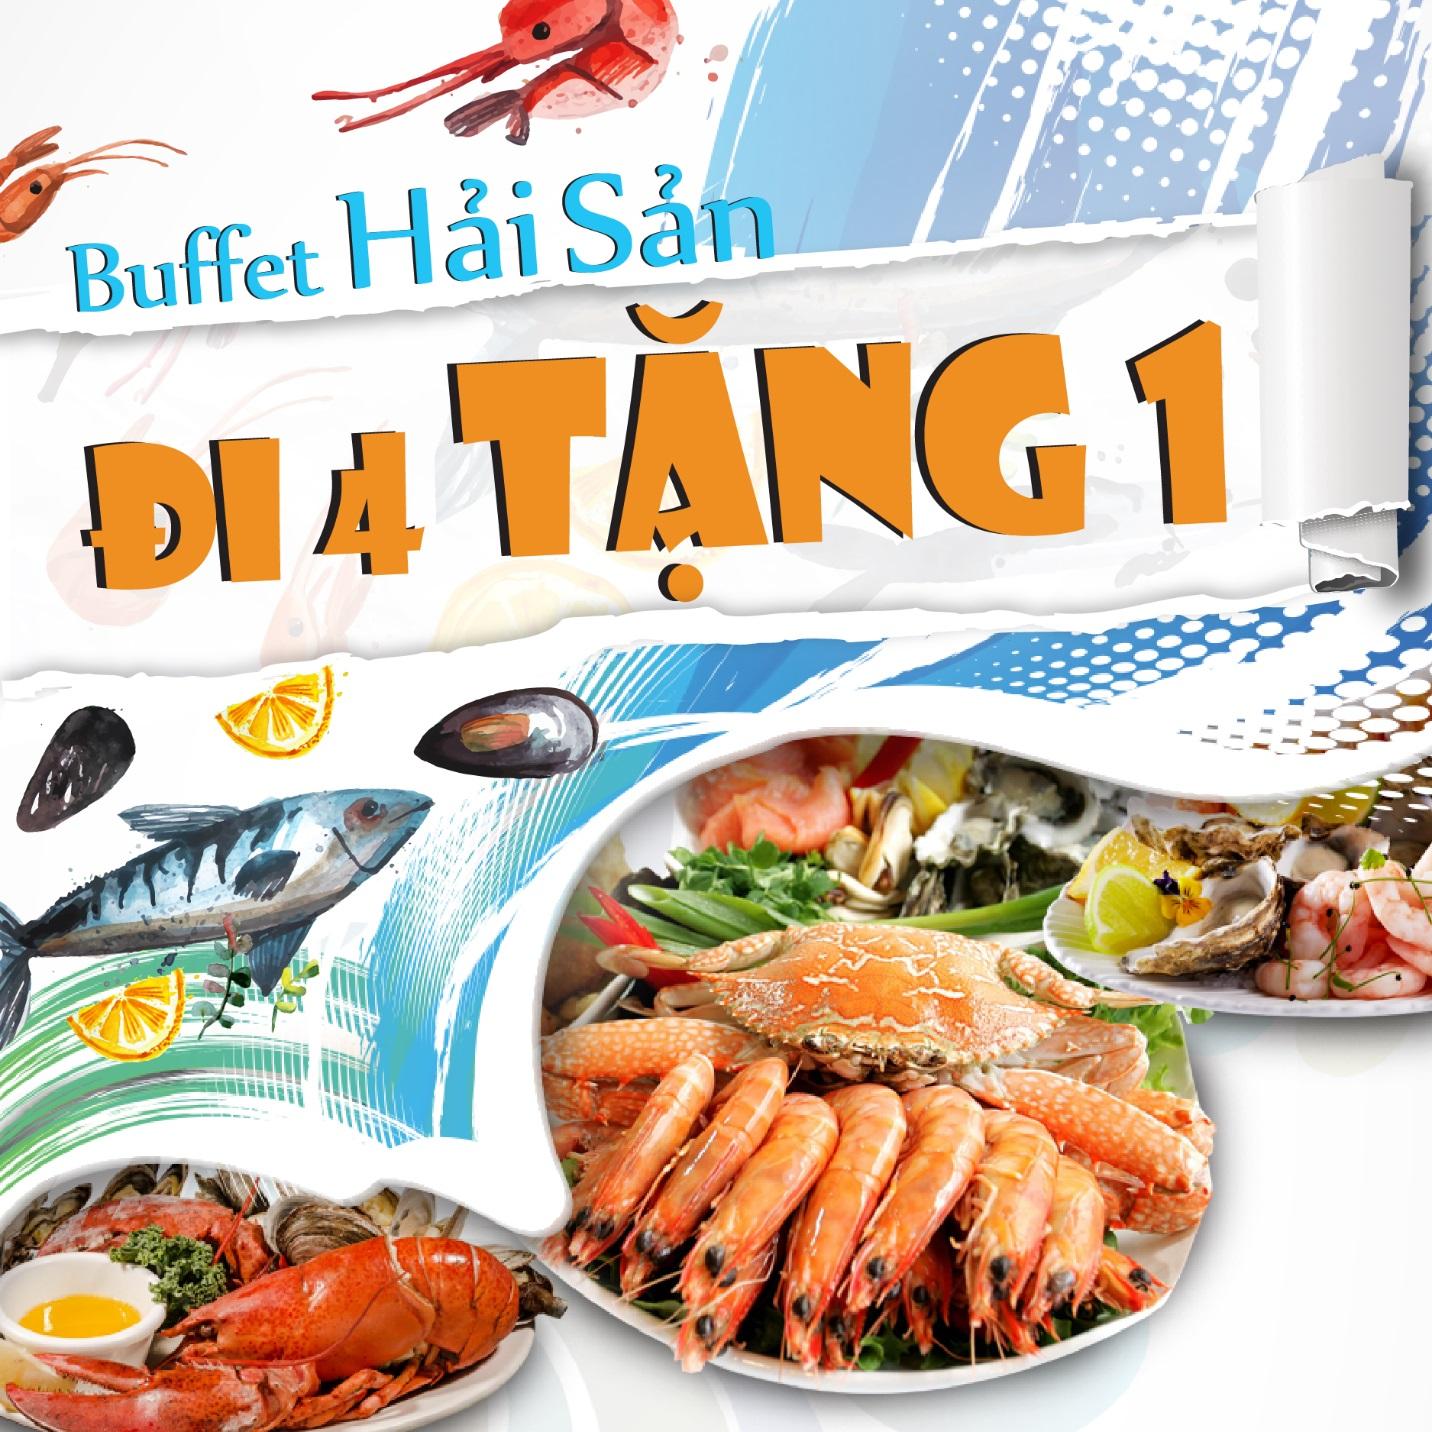 Giải mã cơn sốt buffet hải sản 4 chất chỉ có ở nhà hàng Lã Vọng - Ảnh 1.